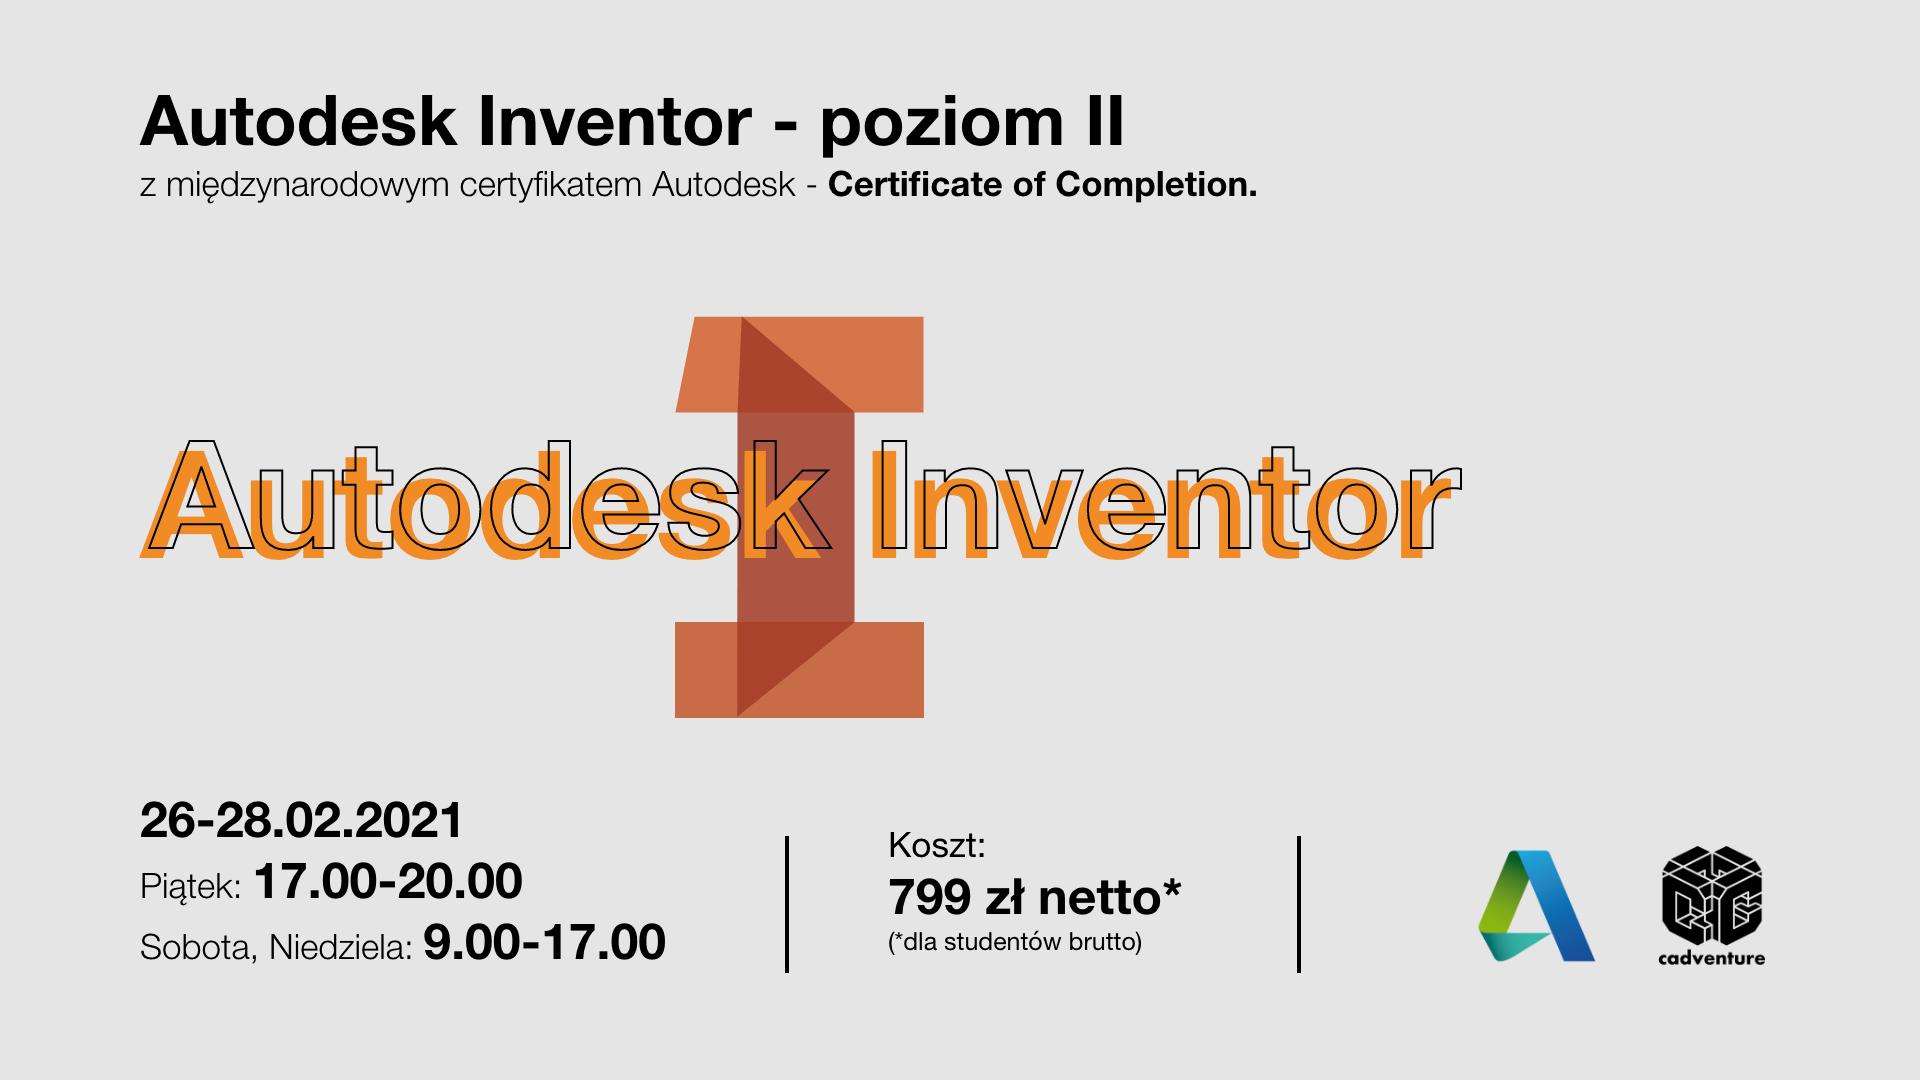 inventor II 26-28.02.2021